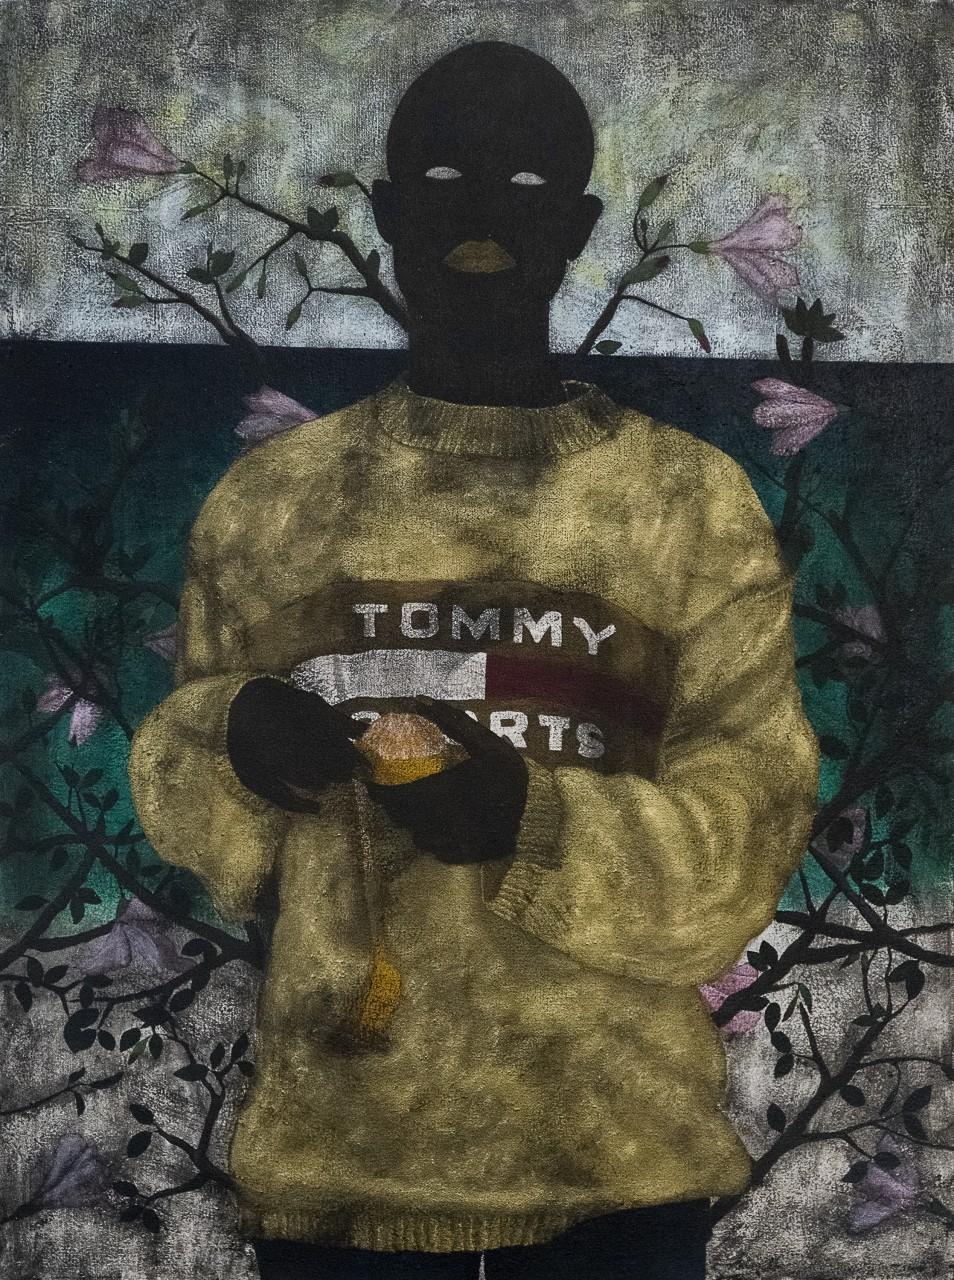 Cinga-Samson-Hes-from-the-Jungle-2-2017-Oil-on-canvas-80-x-60-cm.jpg